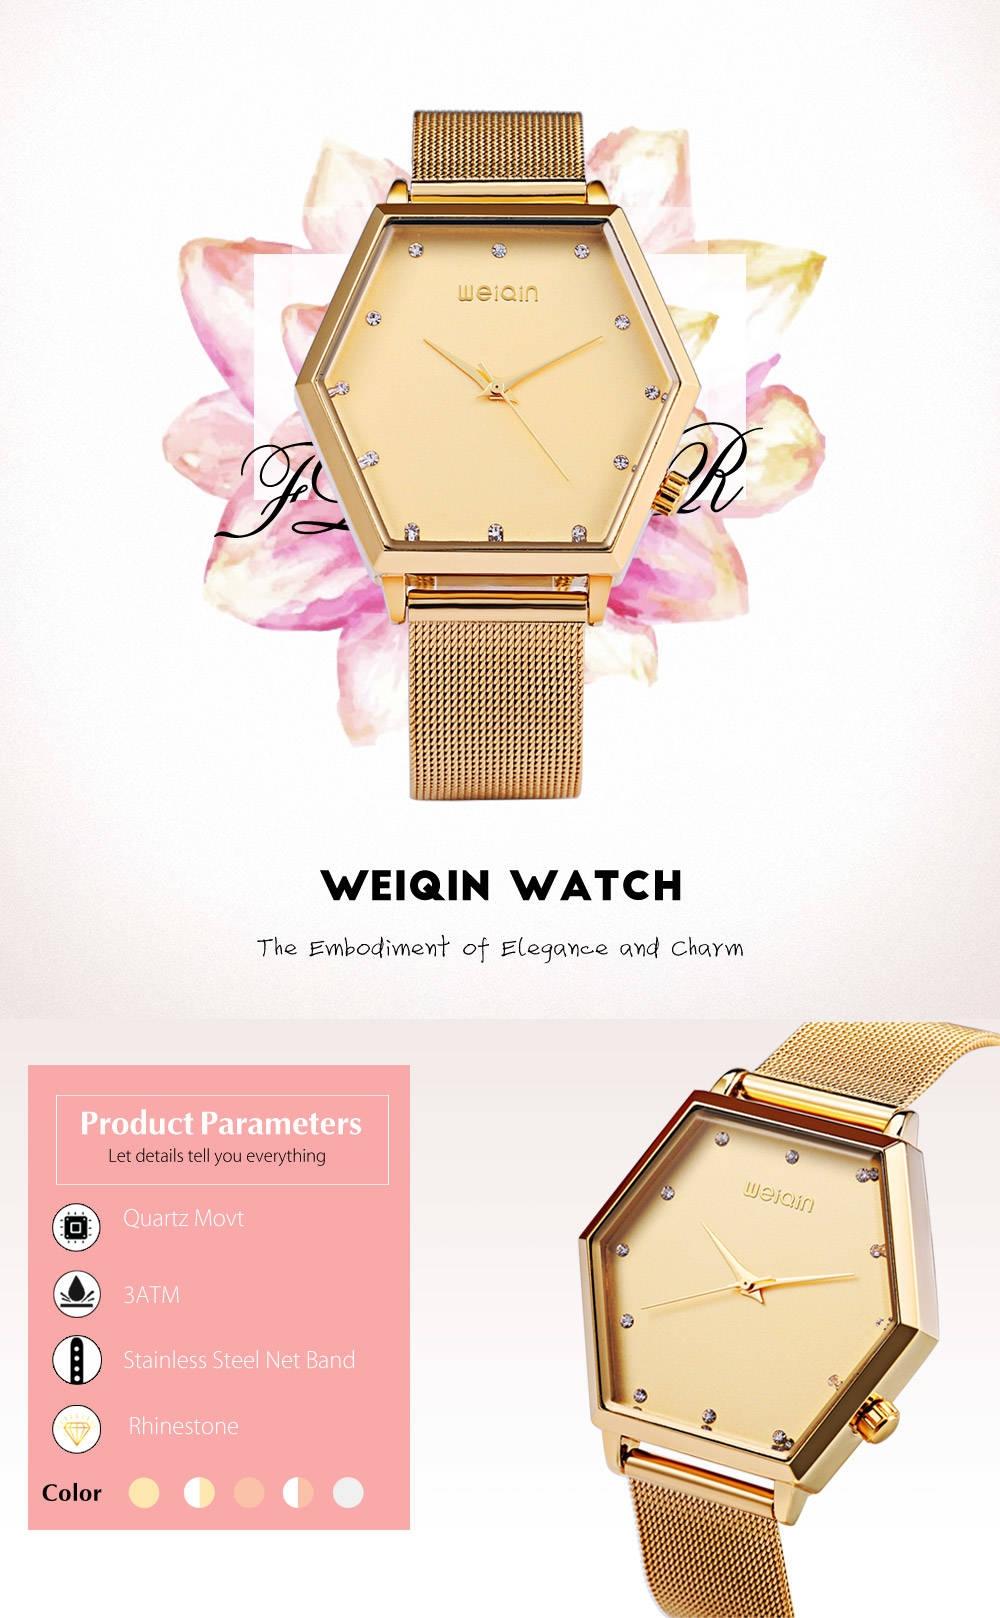 WeiQin W40013 Women Quartz Watch Rhinestone Dial Stainless Steel Net Band 3ATM Wristwatch